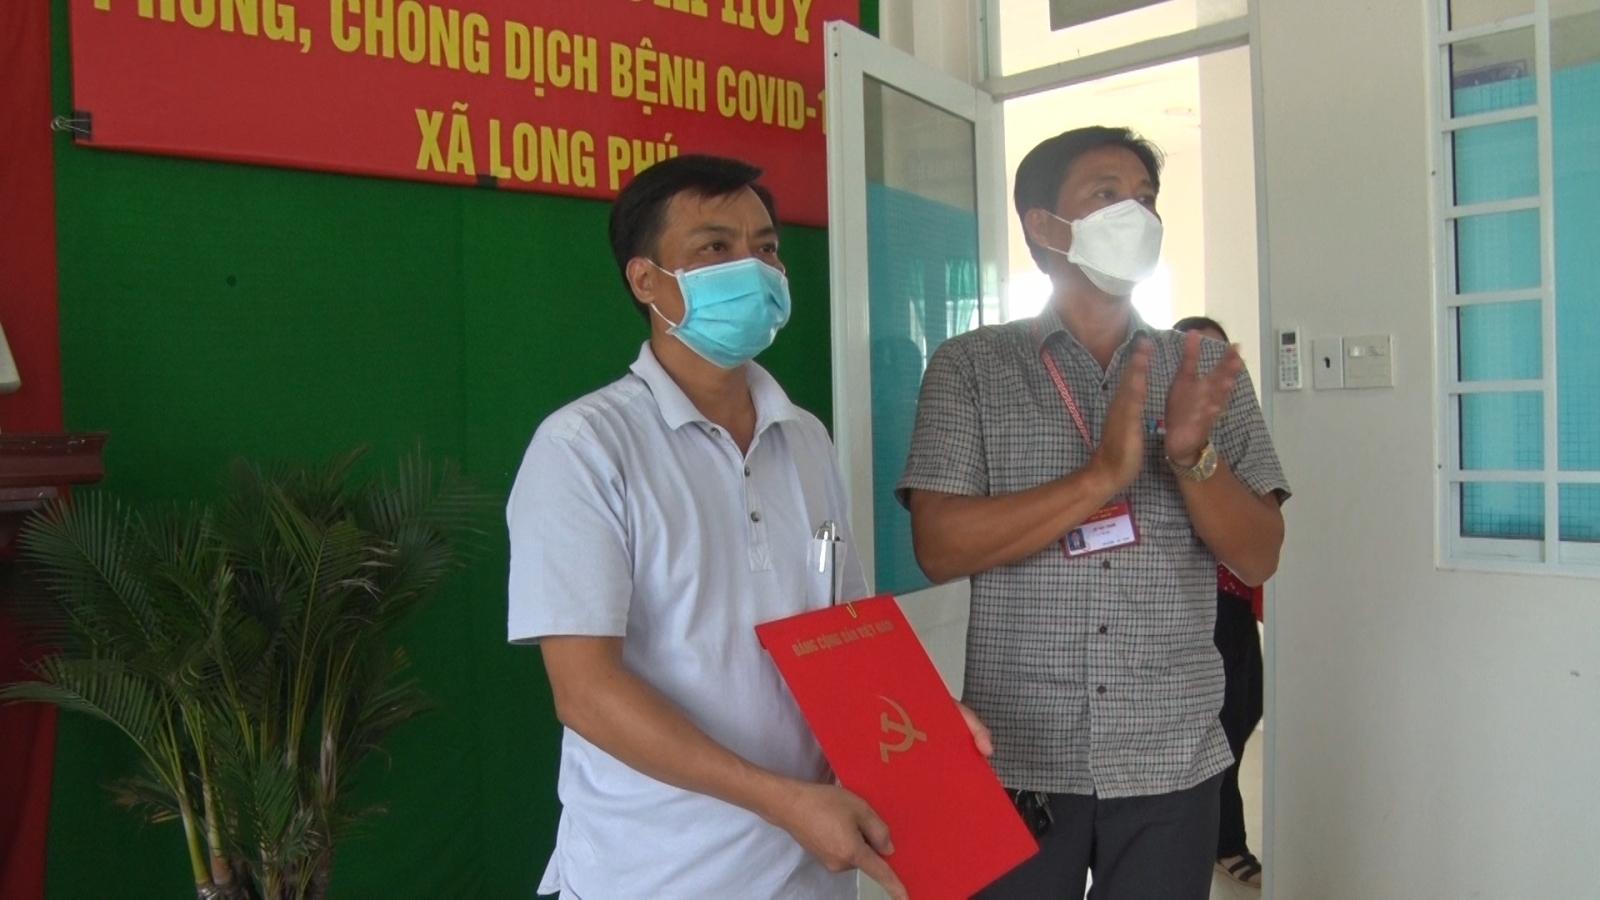 Điều chuyển Bí thư Đảng ủy, tạm đình chỉ Chủ tịch UBND xã Long Phú do để phát sinh ổ dịch